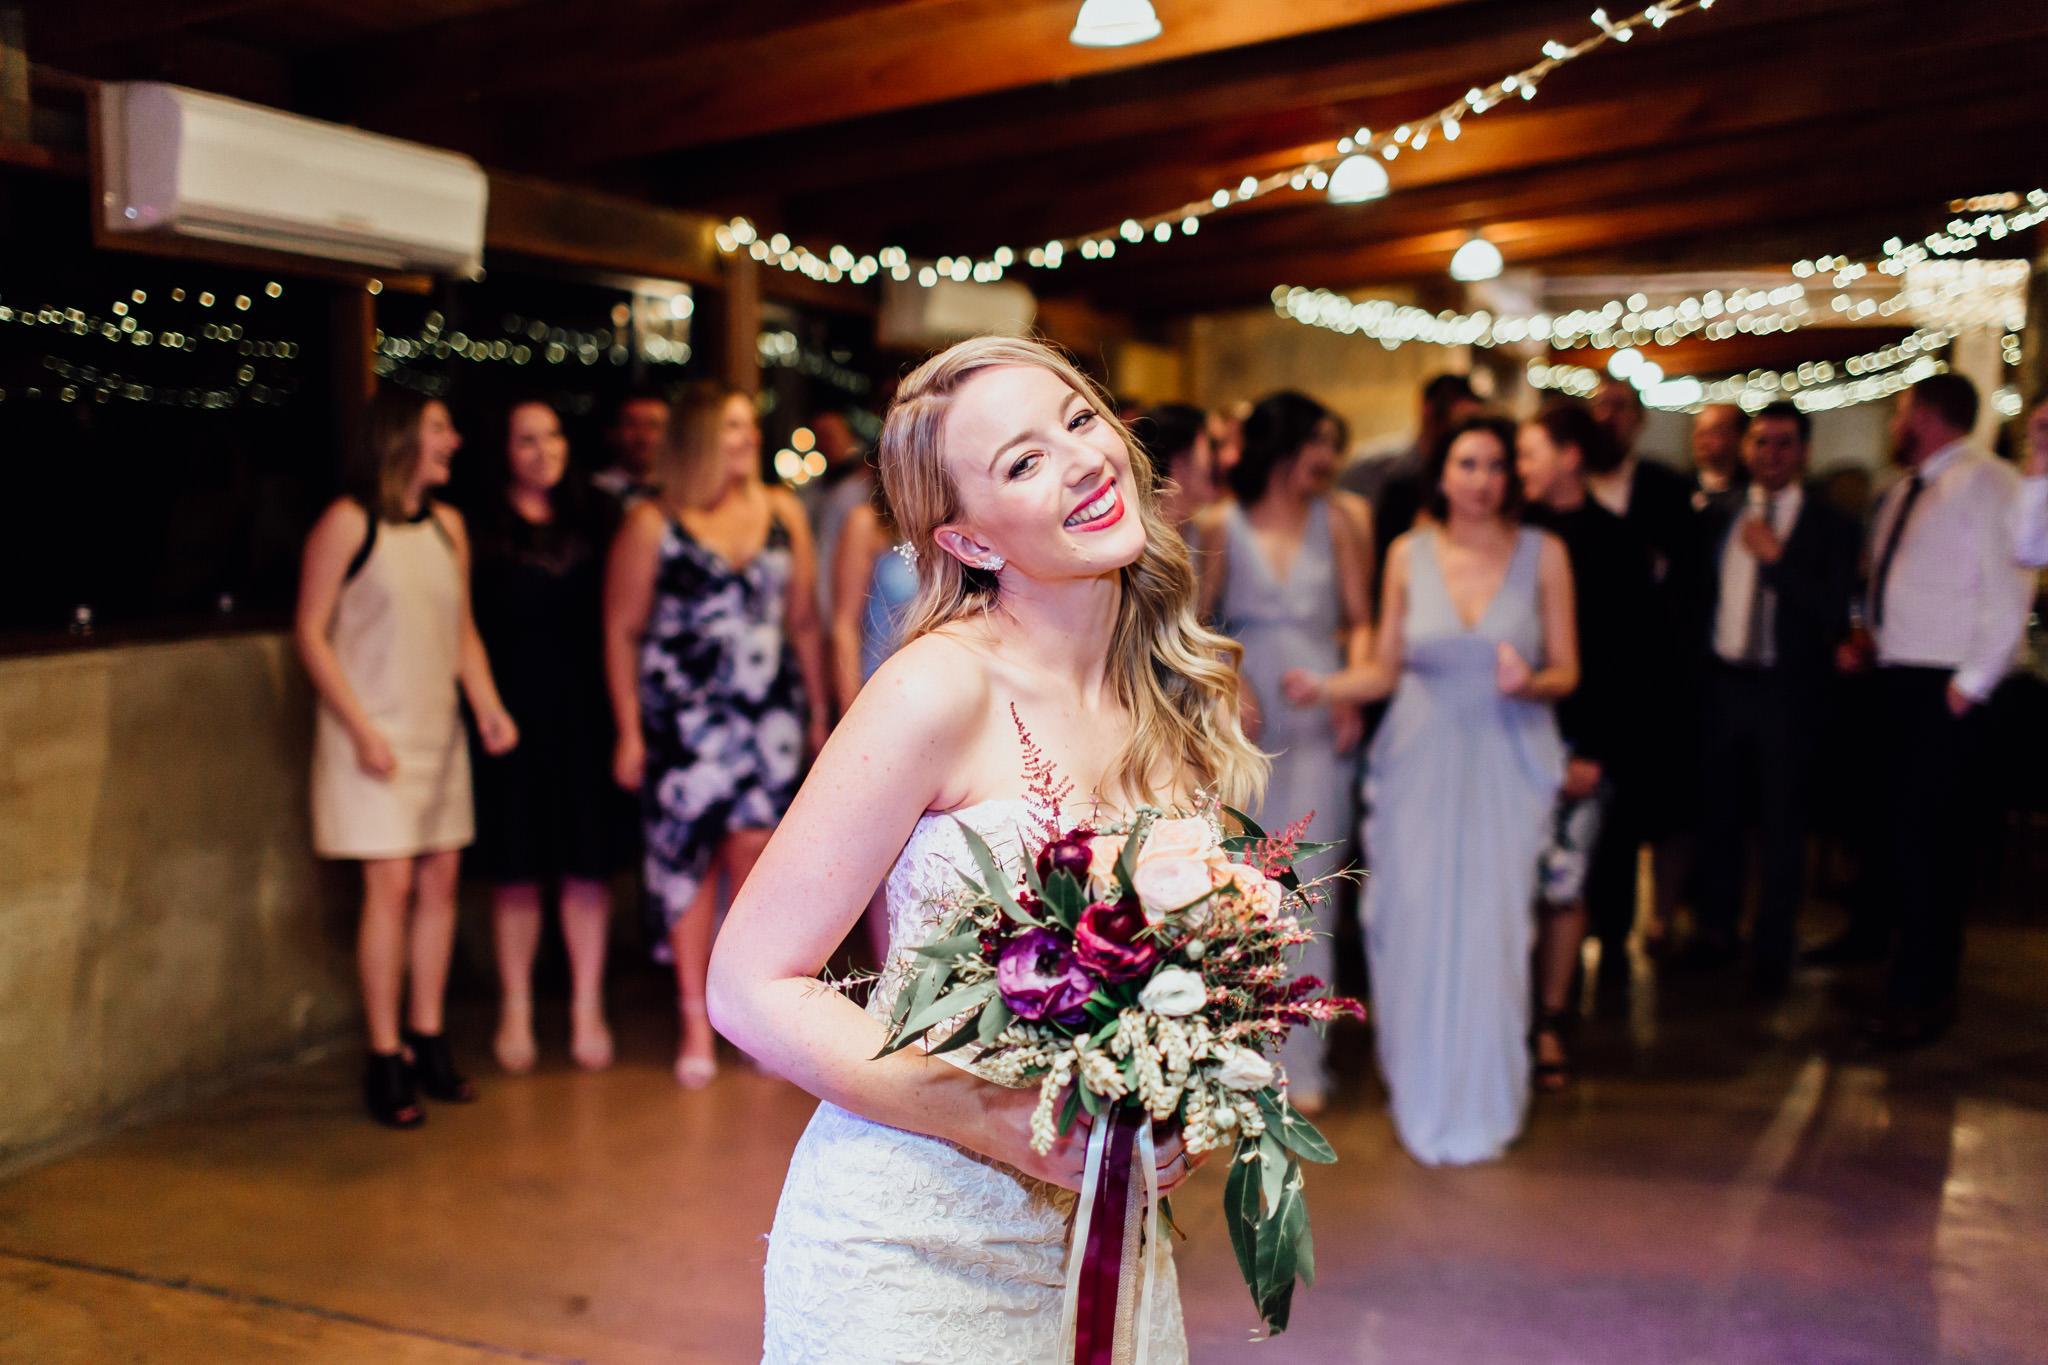 WeddingPhotos_Facebook_2048pixels-1169.jpg